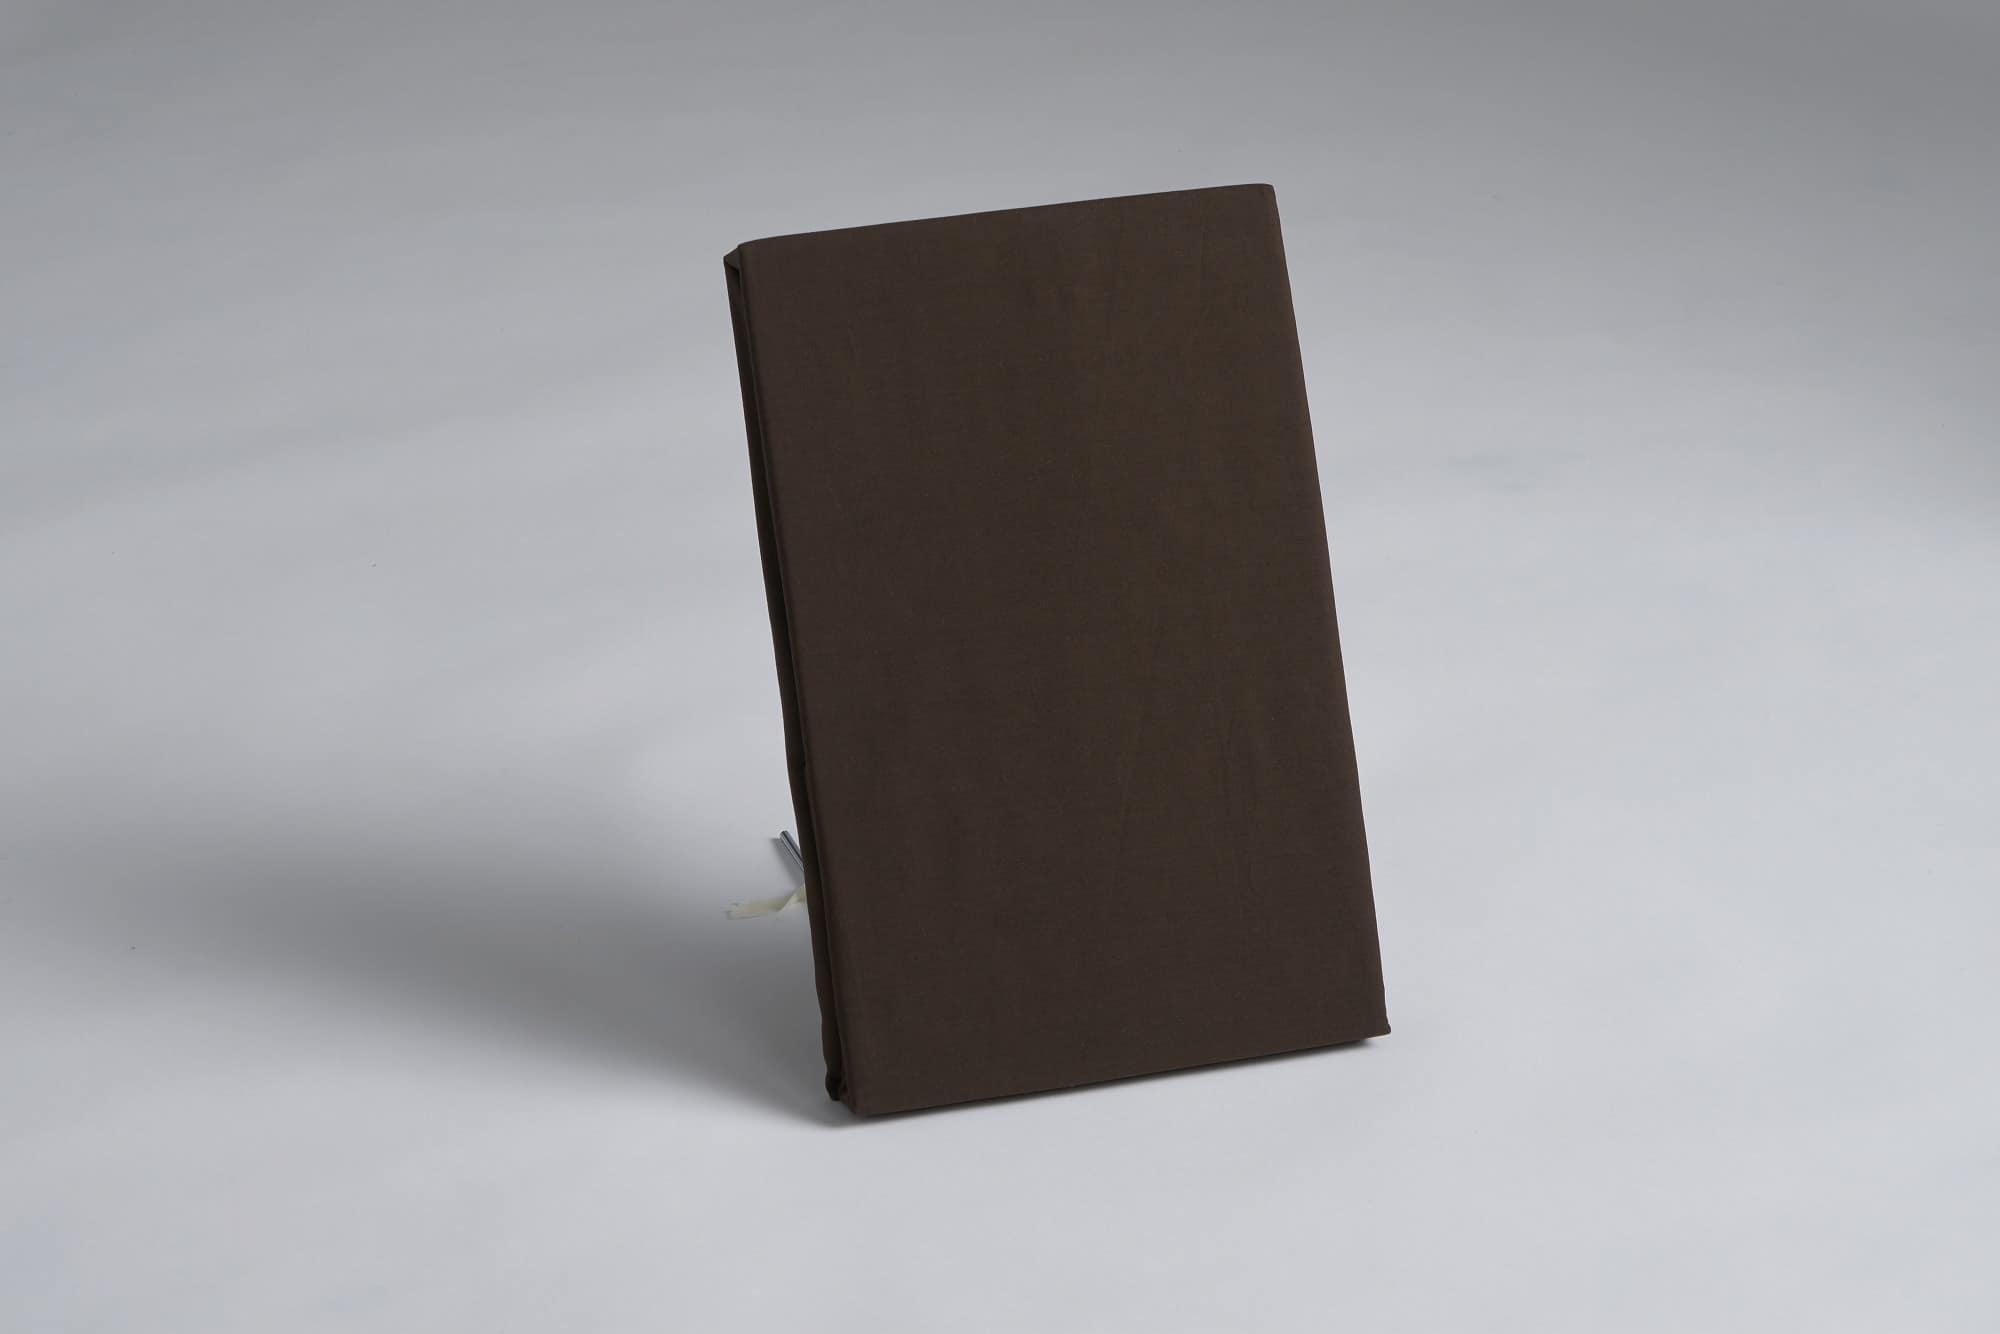 ボックスシーツ キング2用 36H ブラウン